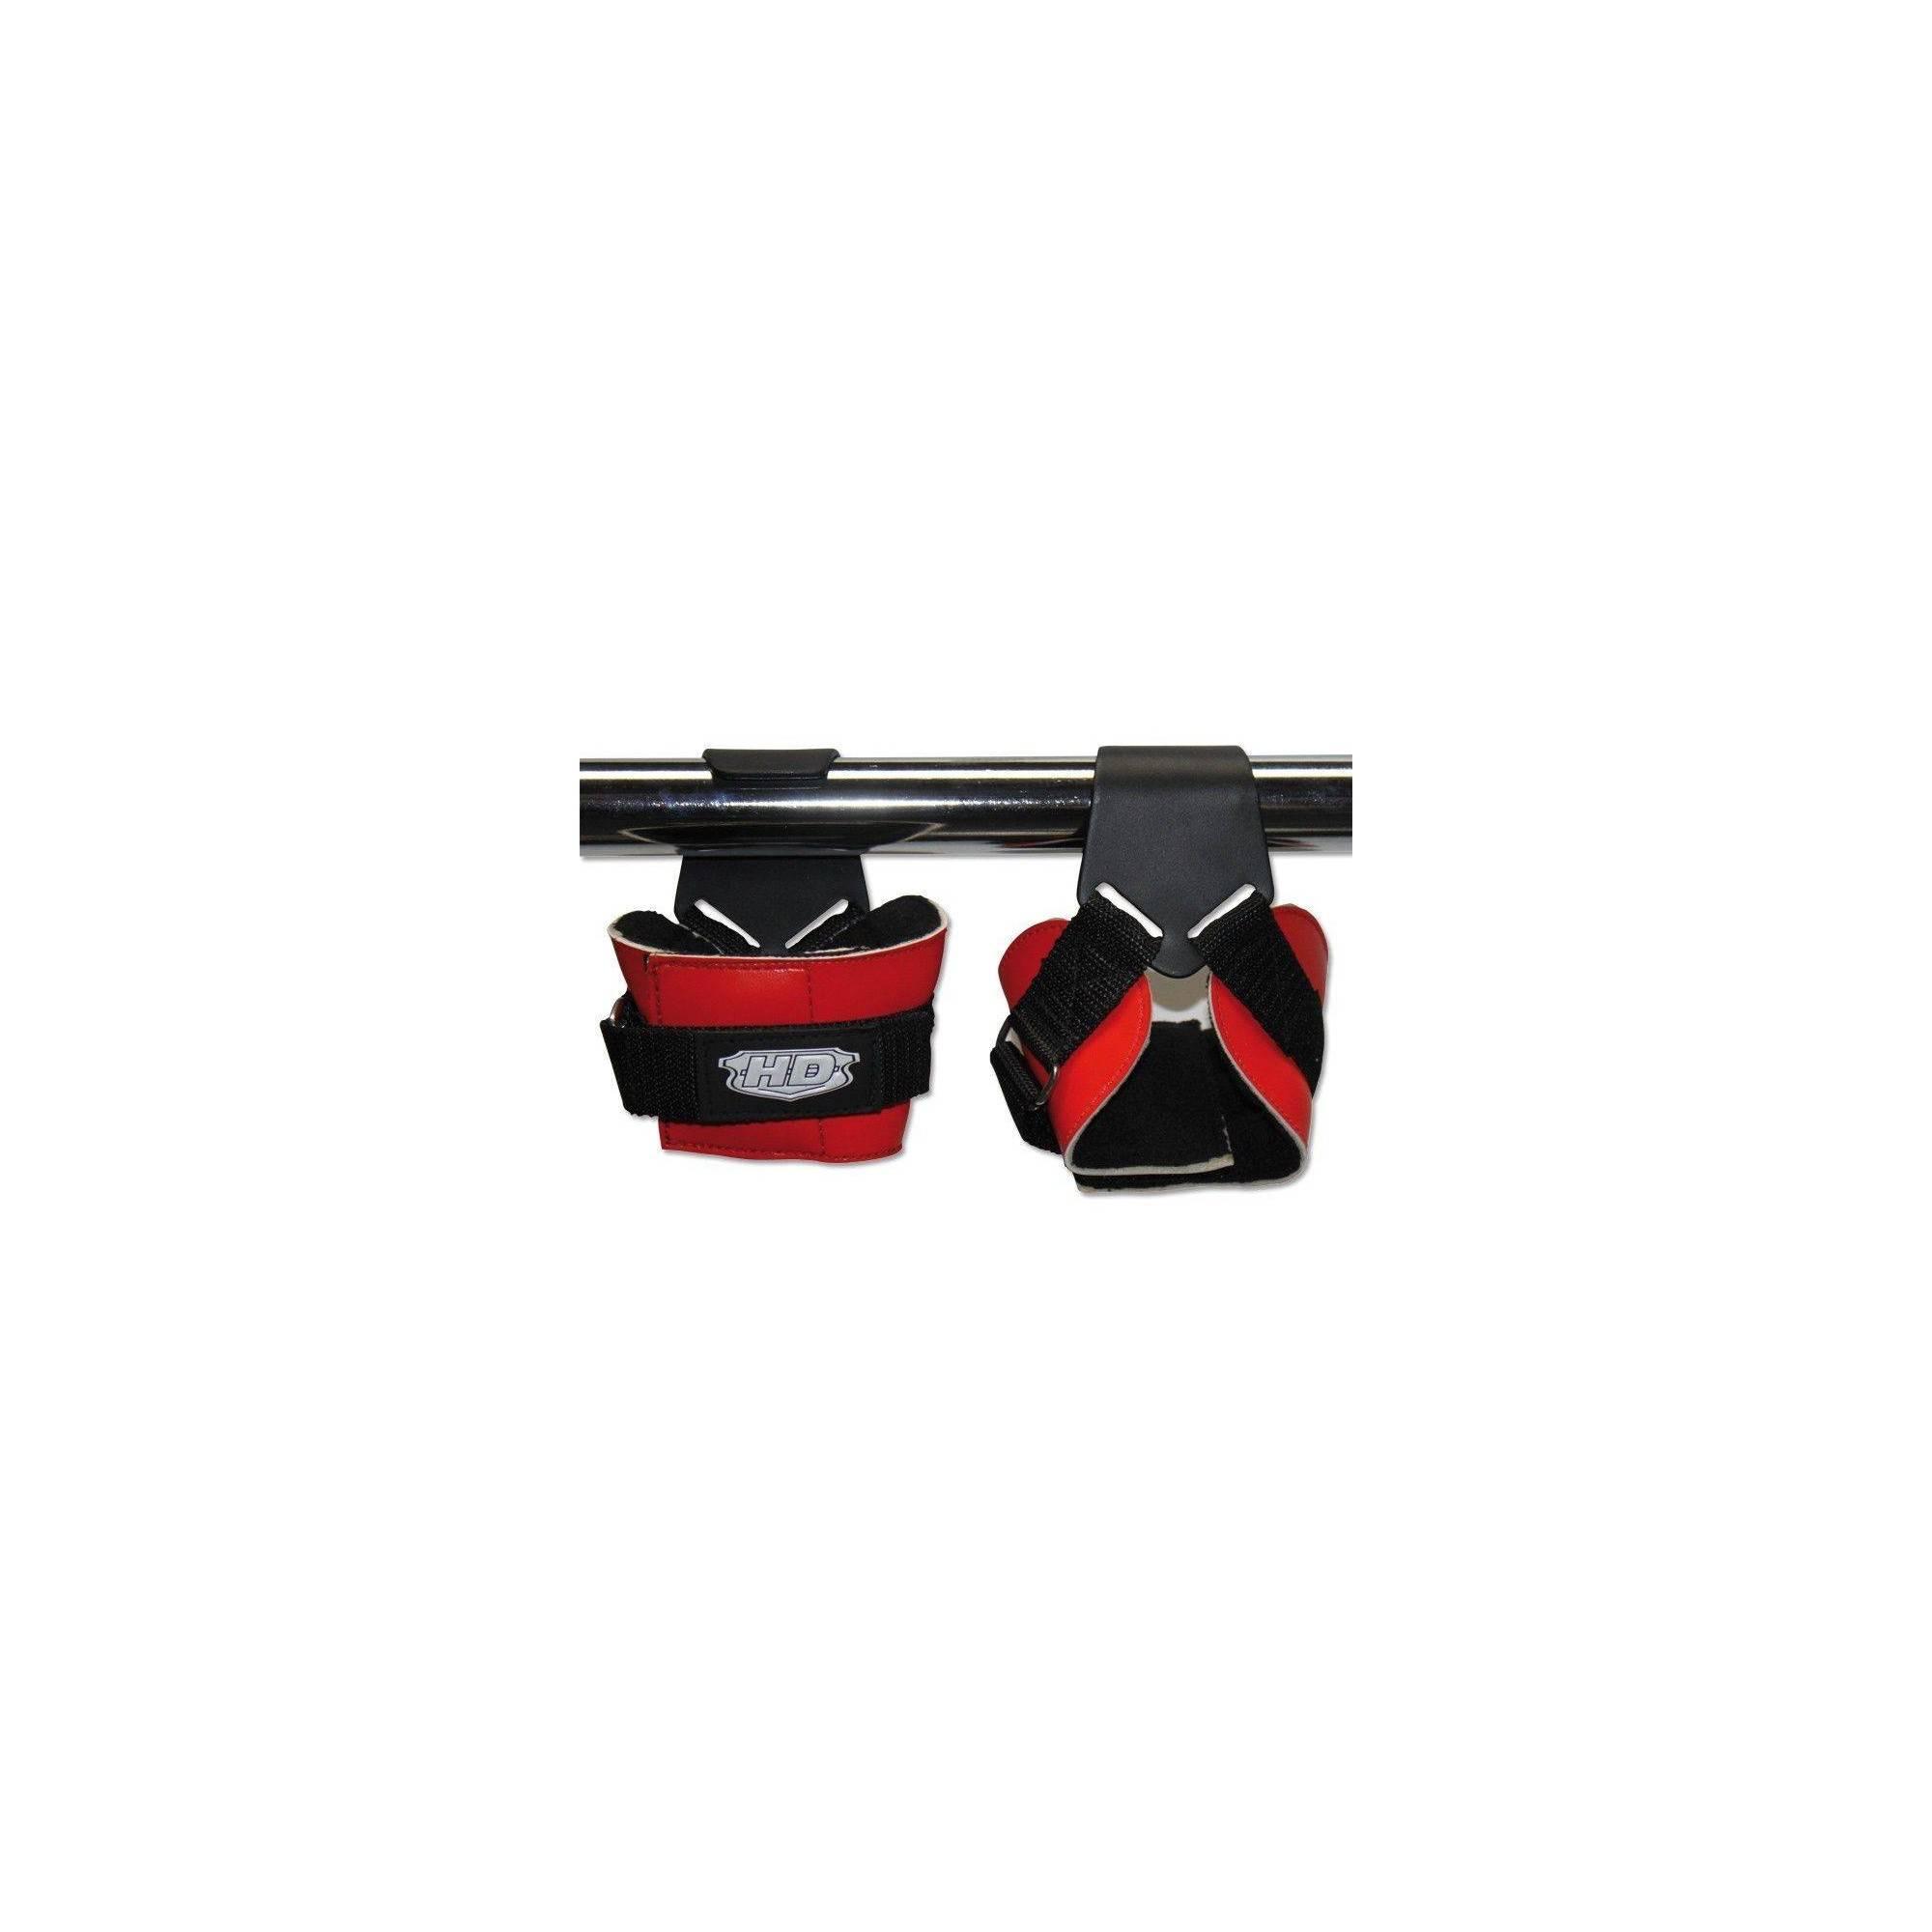 Haki do podciągania HDSERIES WLA-402- czerwone,producent: HD SERIES, photo: 1